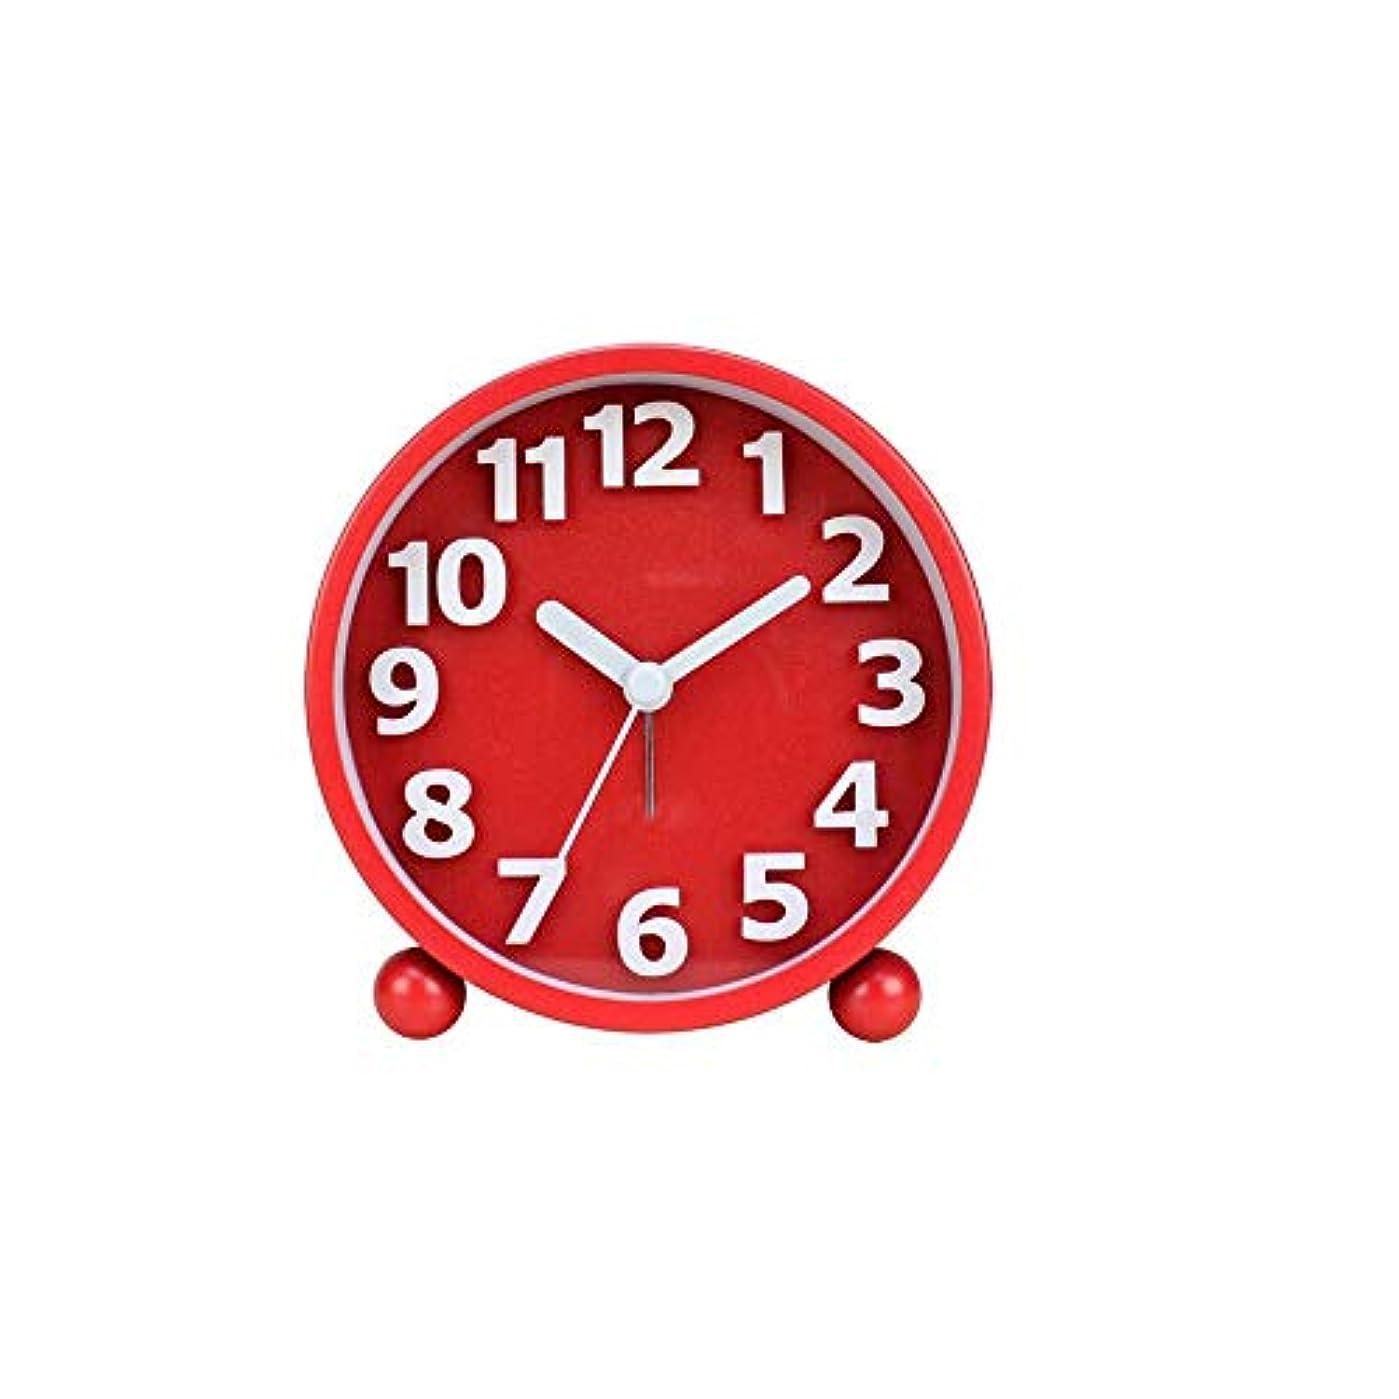 気配りのあるグリーストーナメントKaiyitong001 目覚まし時計、シンプルでモダンなデジタル目覚まし時計、学生クリエイティブベッドサイド時計、研究パーソナリティメタル置時計、赤 (Color : Red)